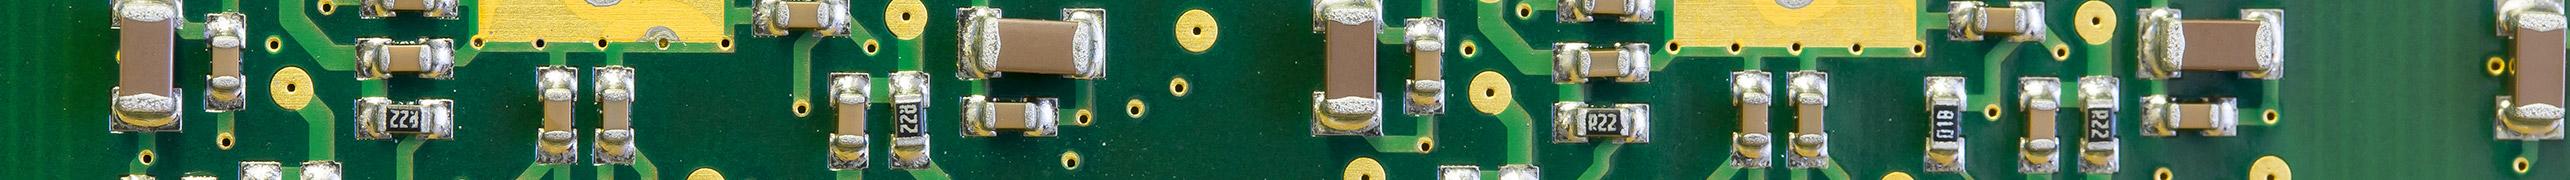 Circuit board test